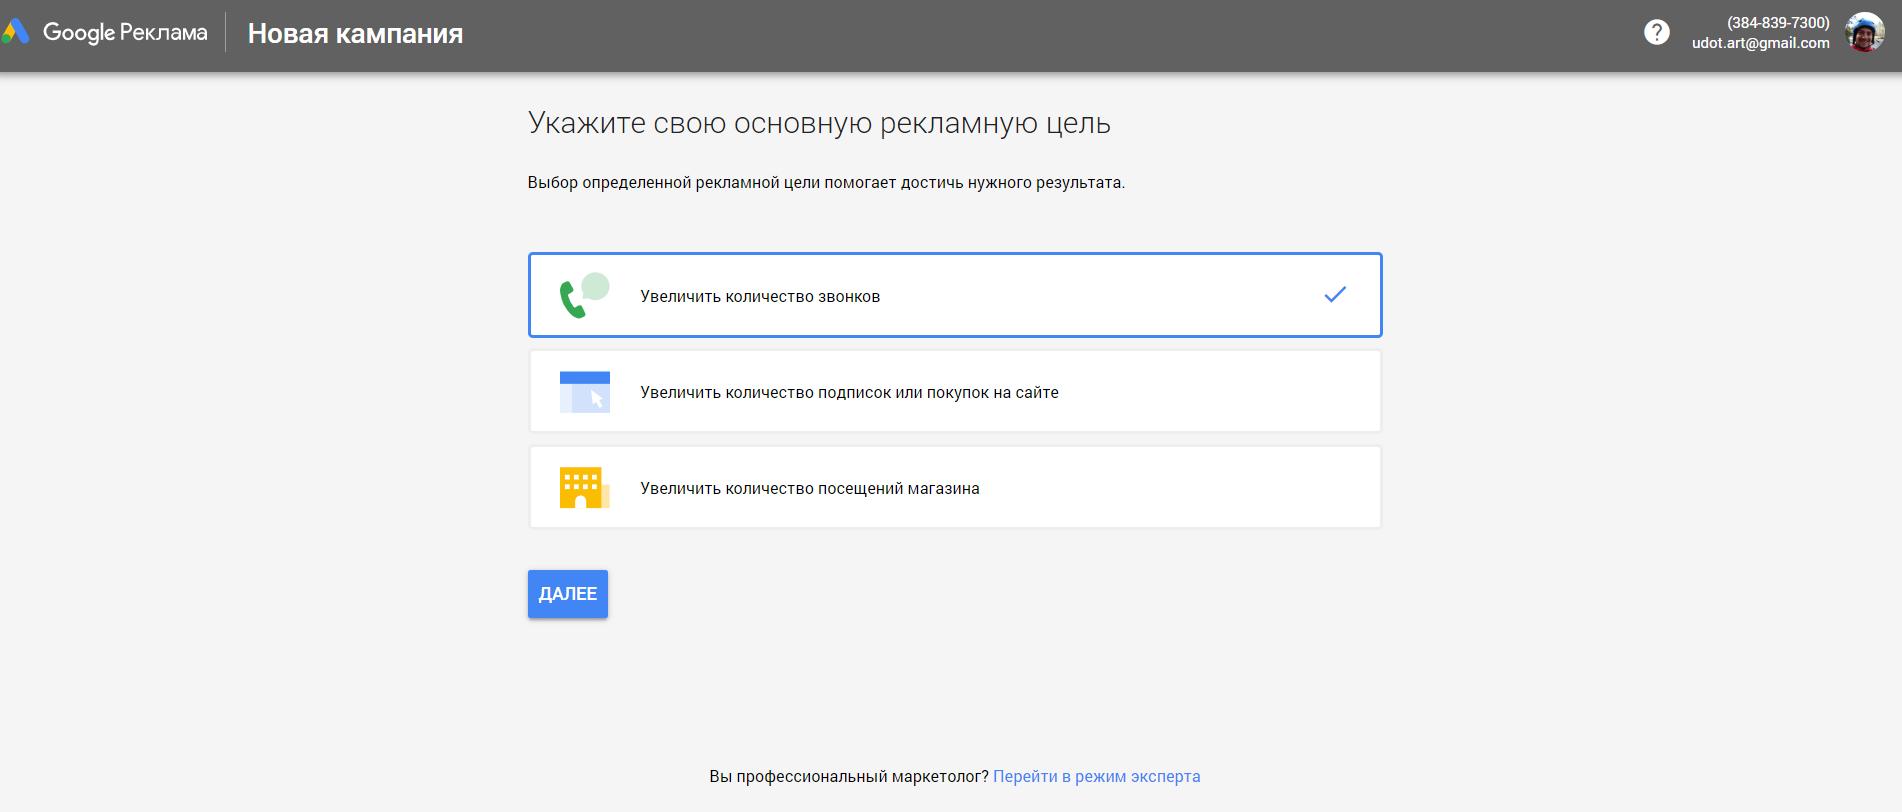 Google Keyword Planner основная рекламная цель